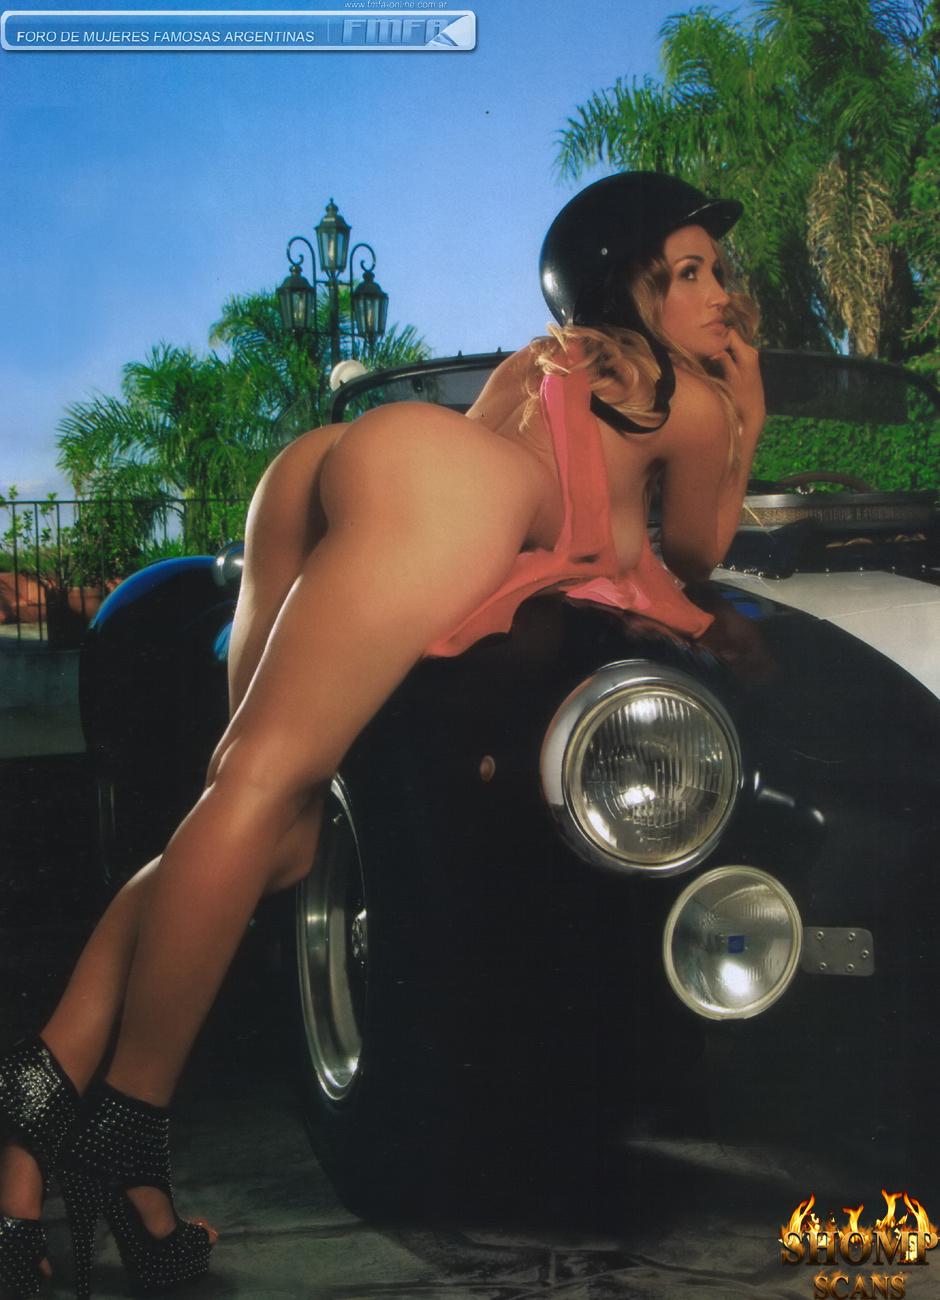 Fracese Desnuda Videos Seo Desnudas Mujeres Relaciones Divas